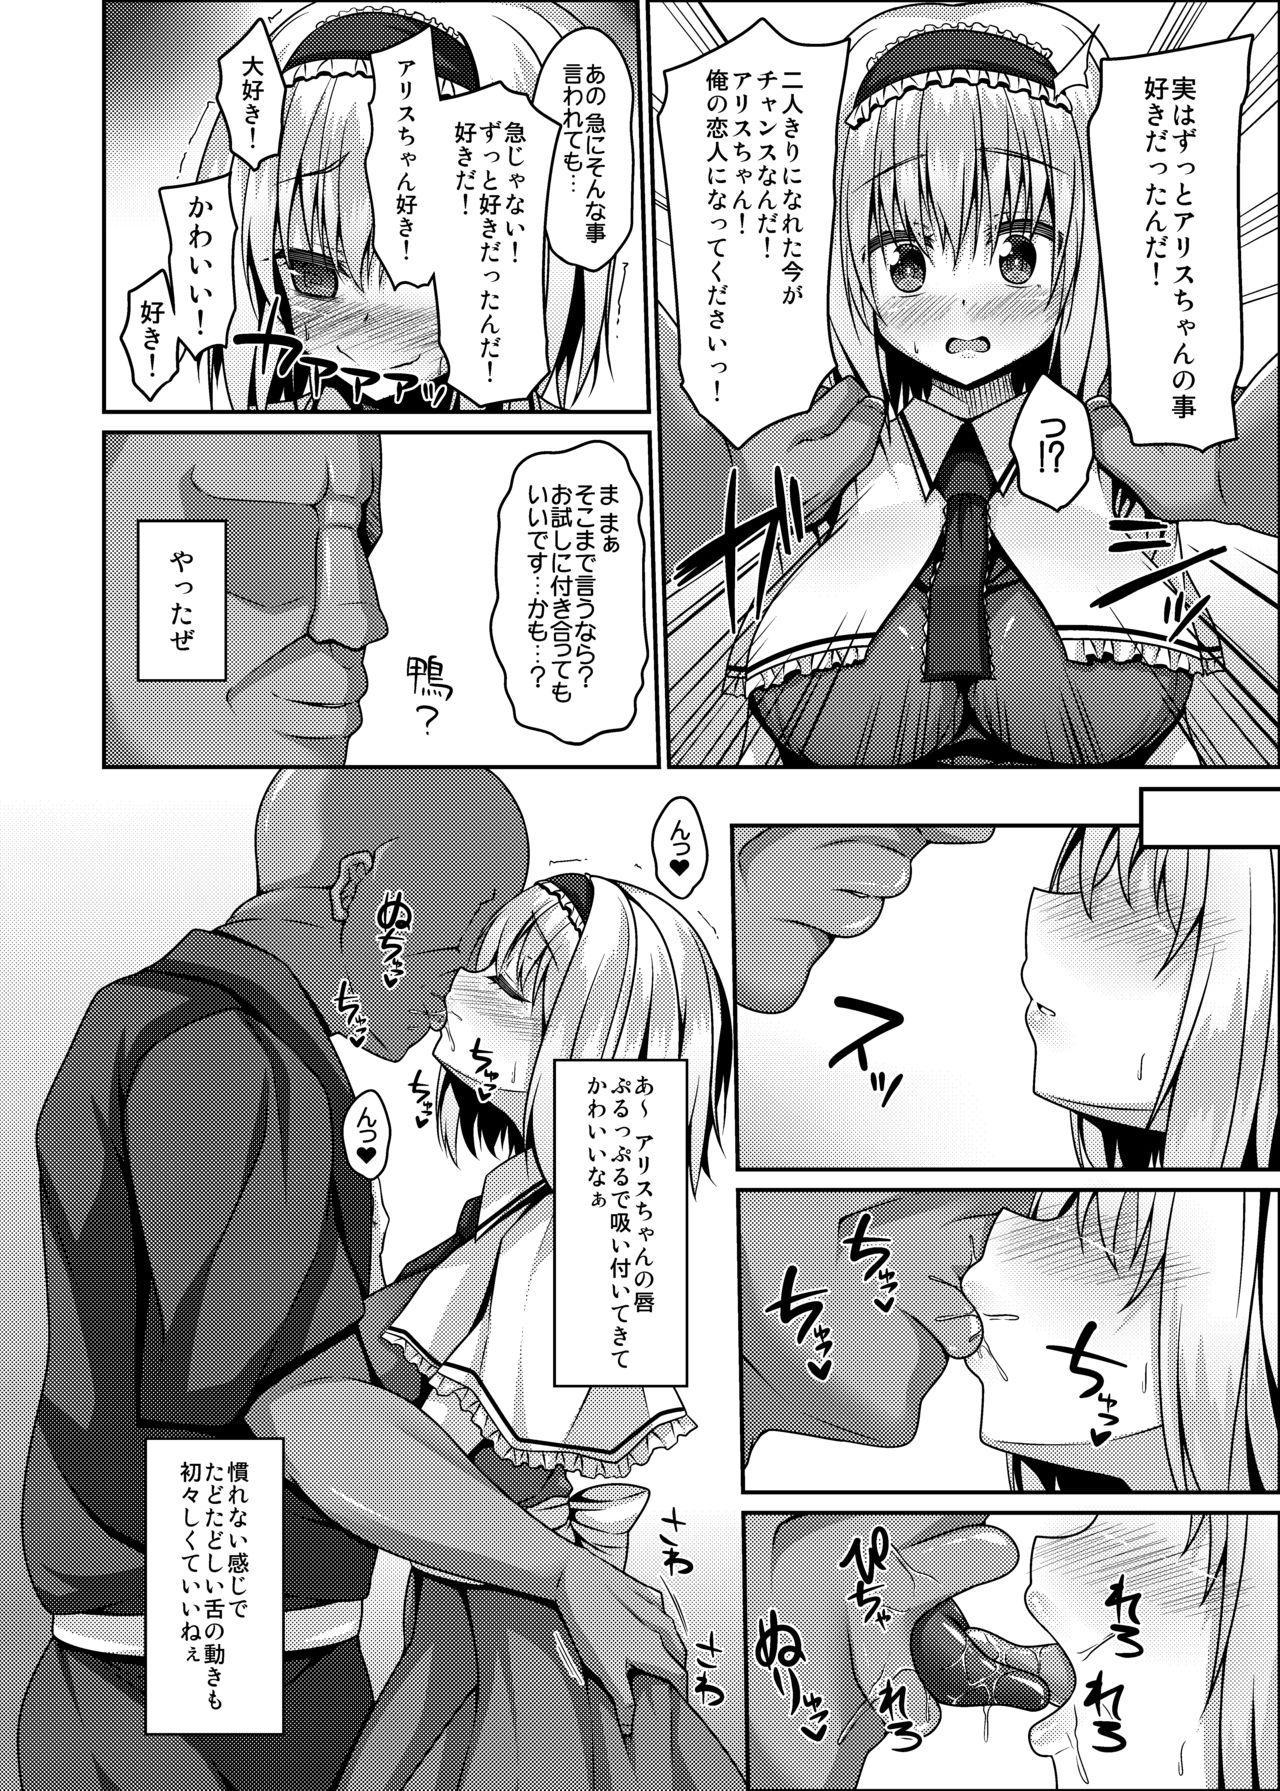 Nagasare Arisu wa Choro Kute Kantan ni Haran jau 4